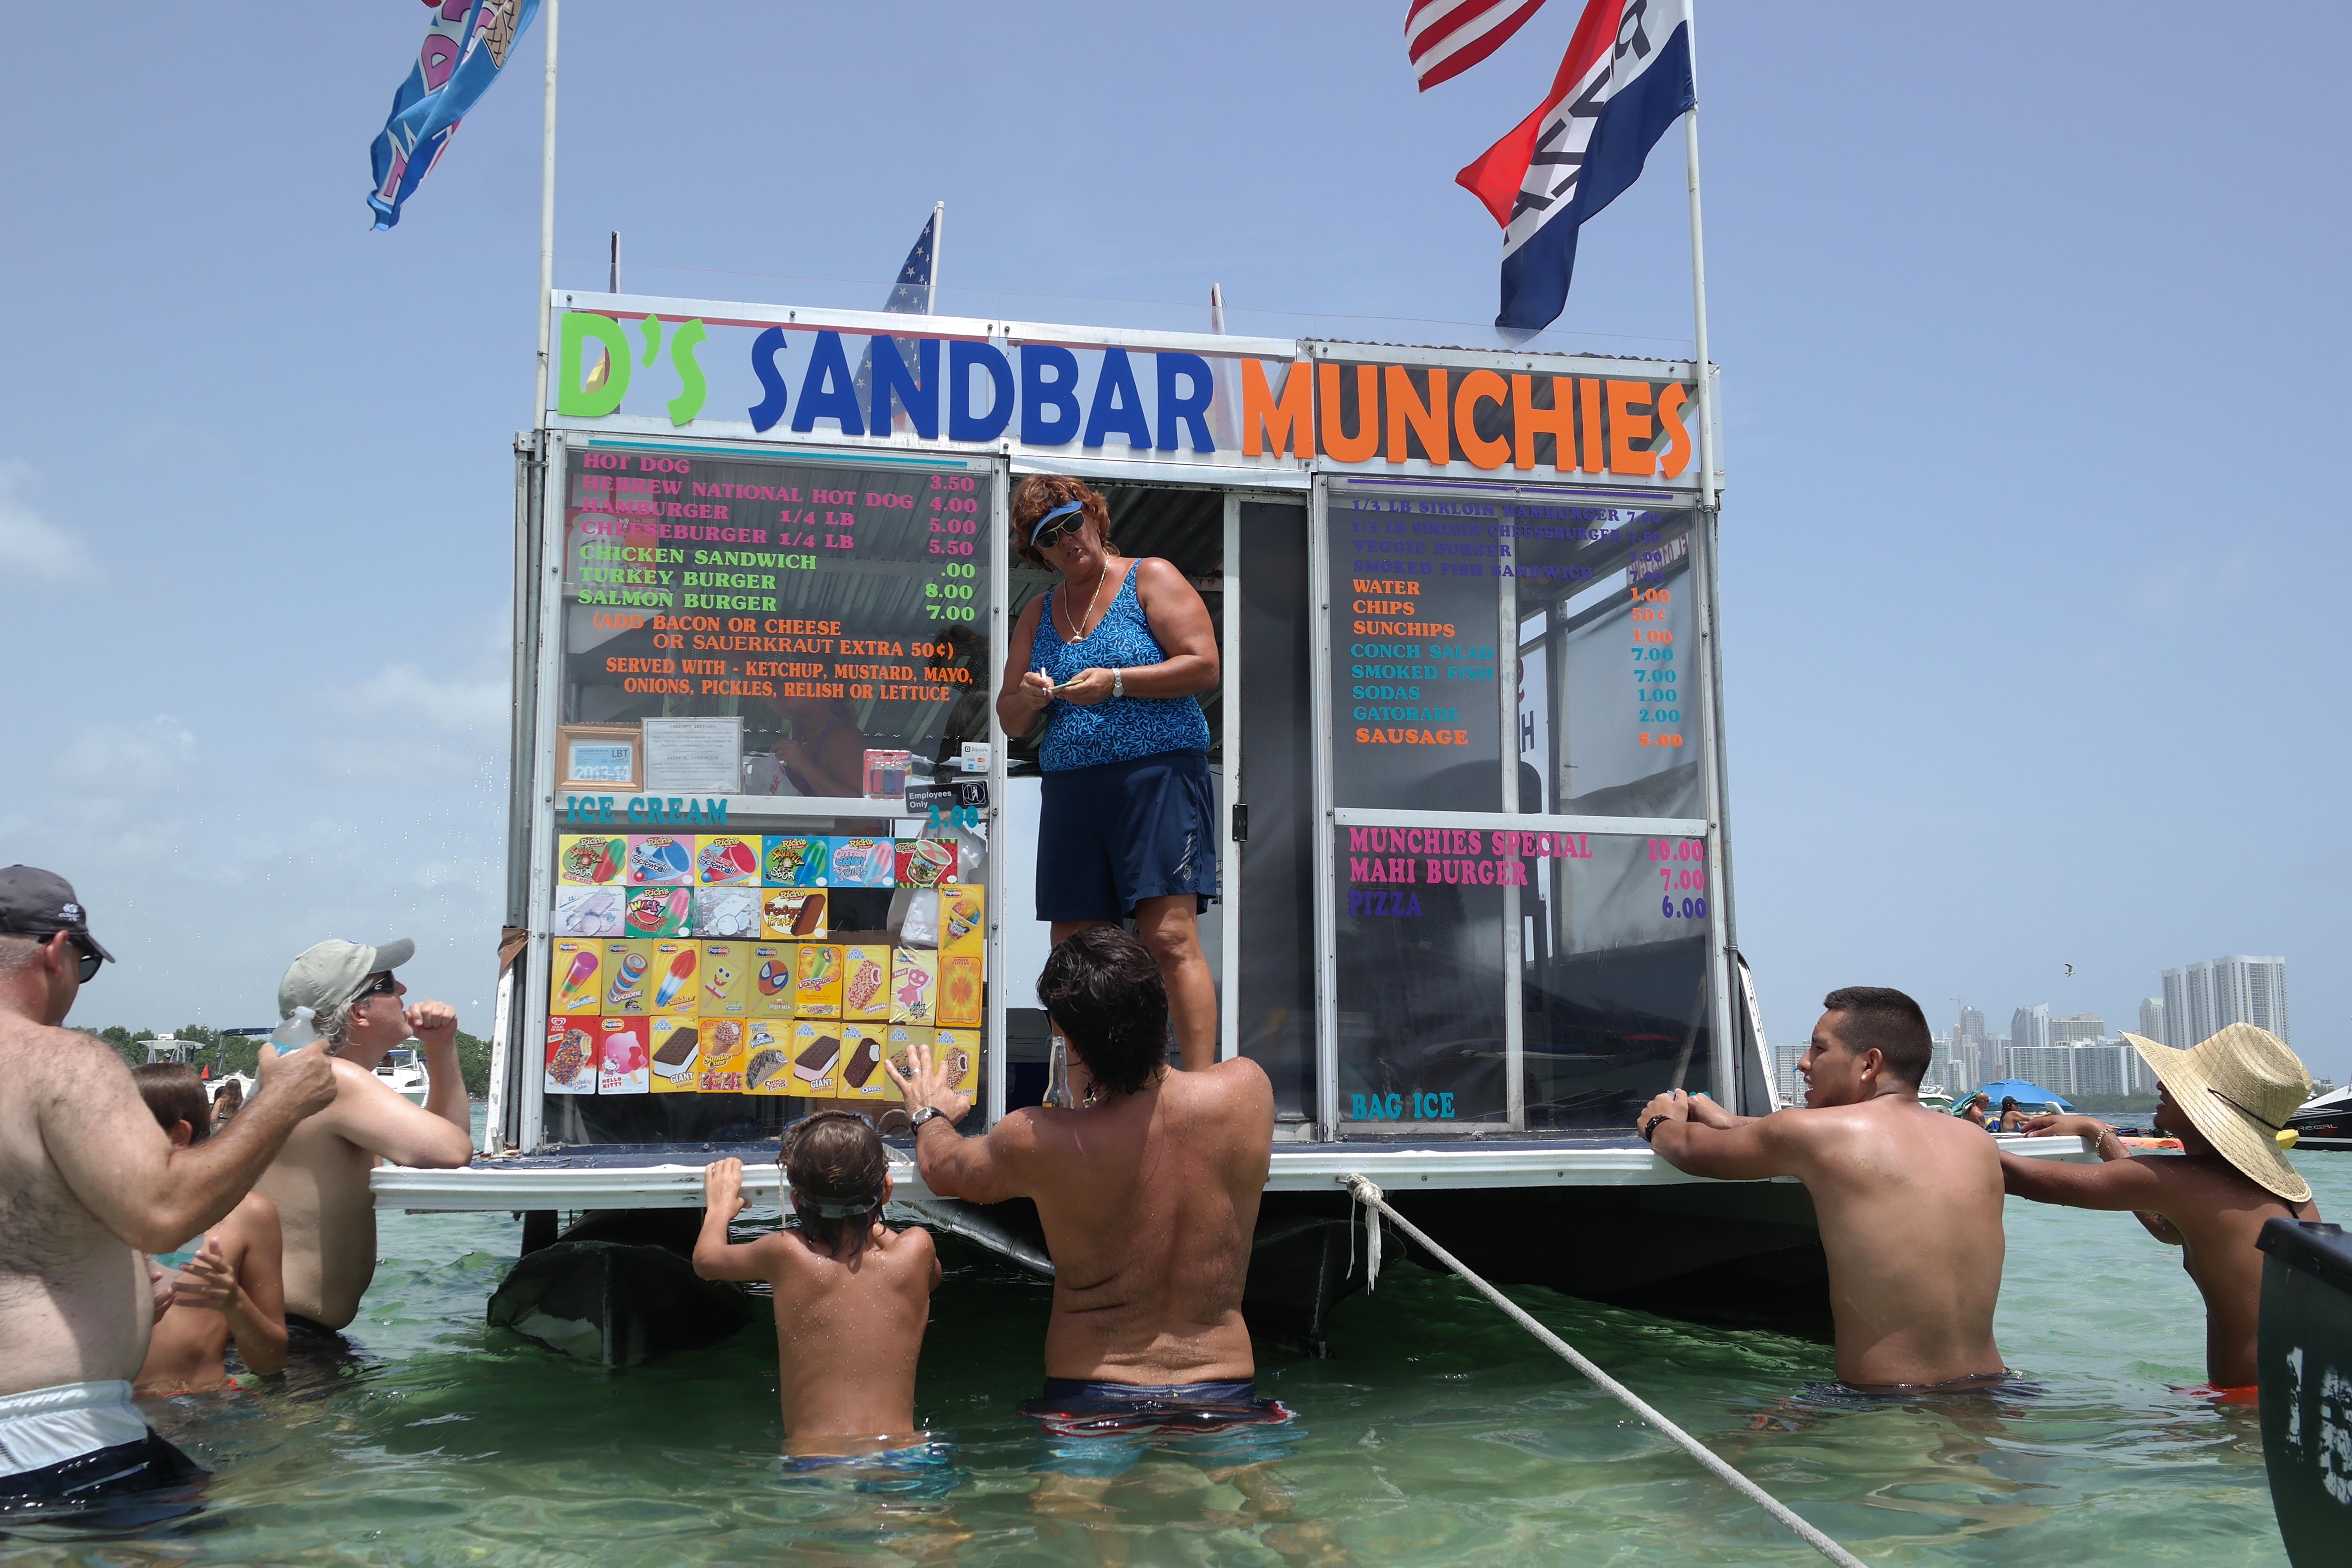 D's Sandbar Munchies